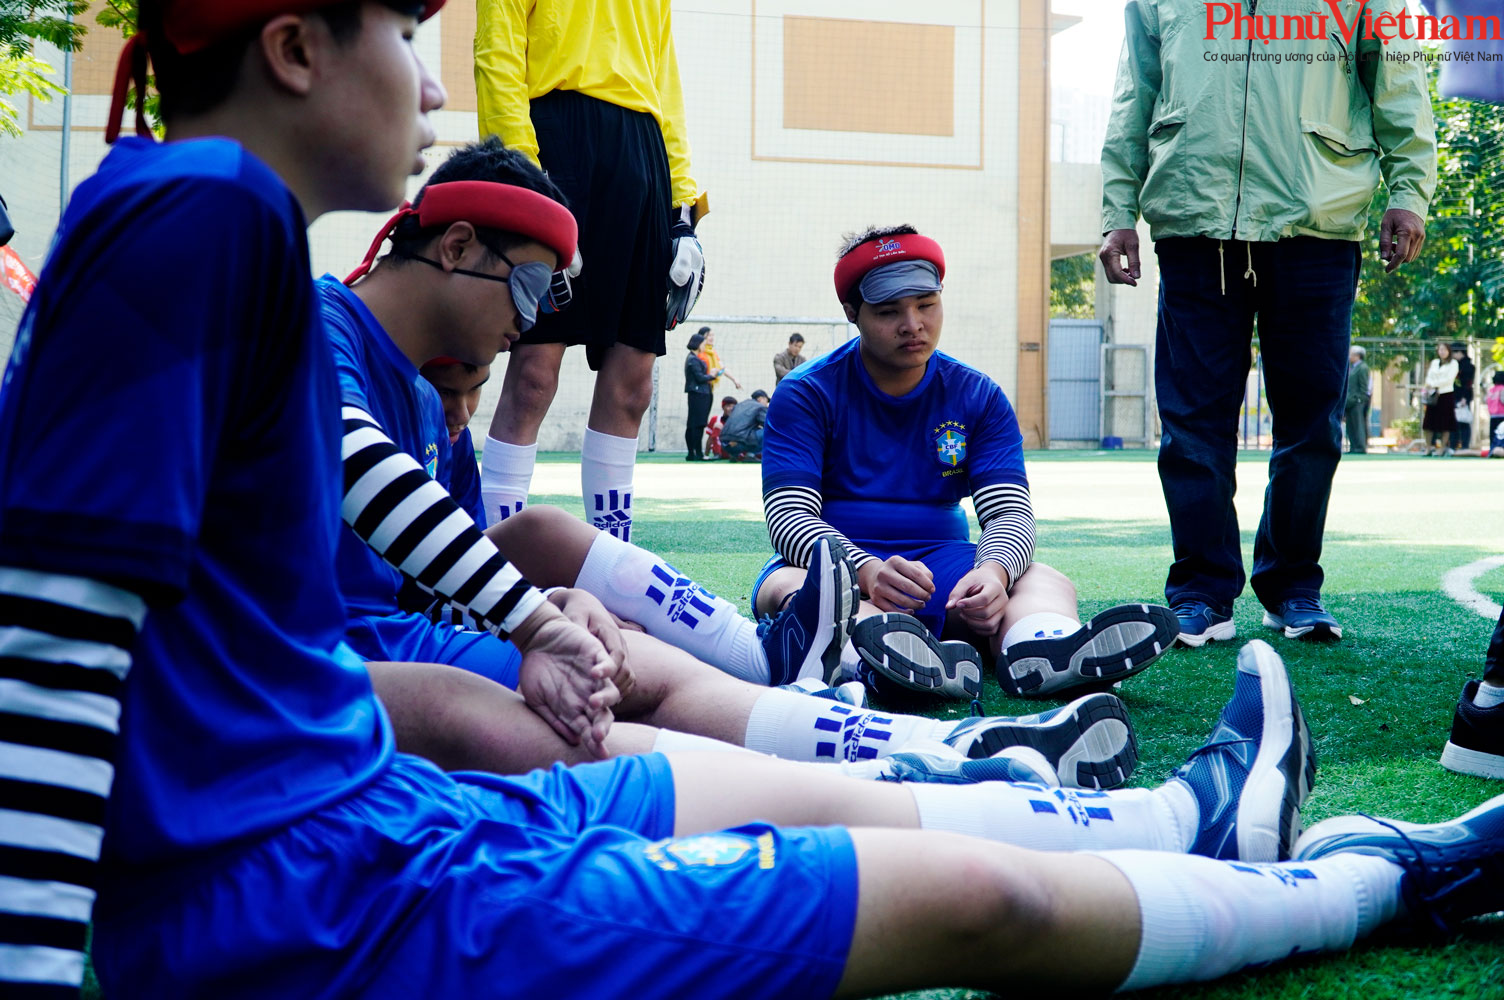 """Trận bóng đá đặc biệt của những đứa trẻ """"đá bóng bằng tai""""  - Ảnh 23."""